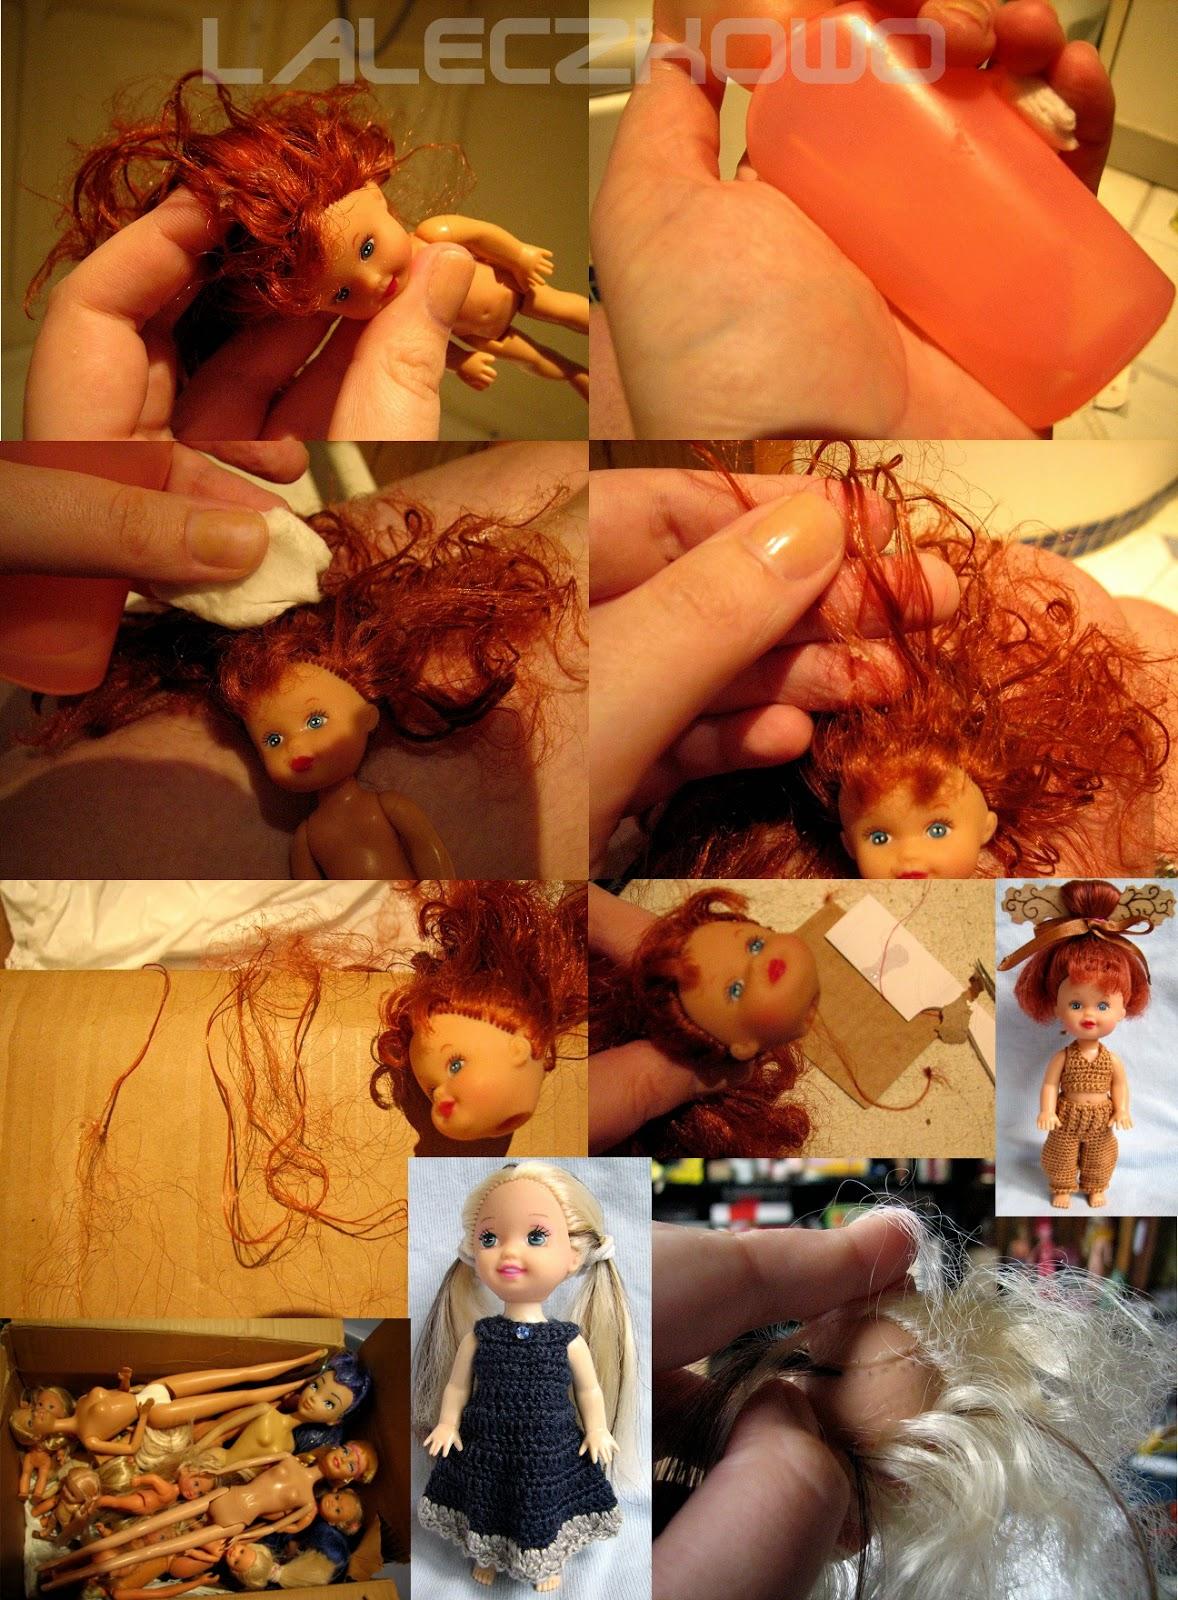 ludzkie włosy na głowie lalki, jak usunąć klej z włosów lalki, jak uzupełnić ubytki włosów lalki